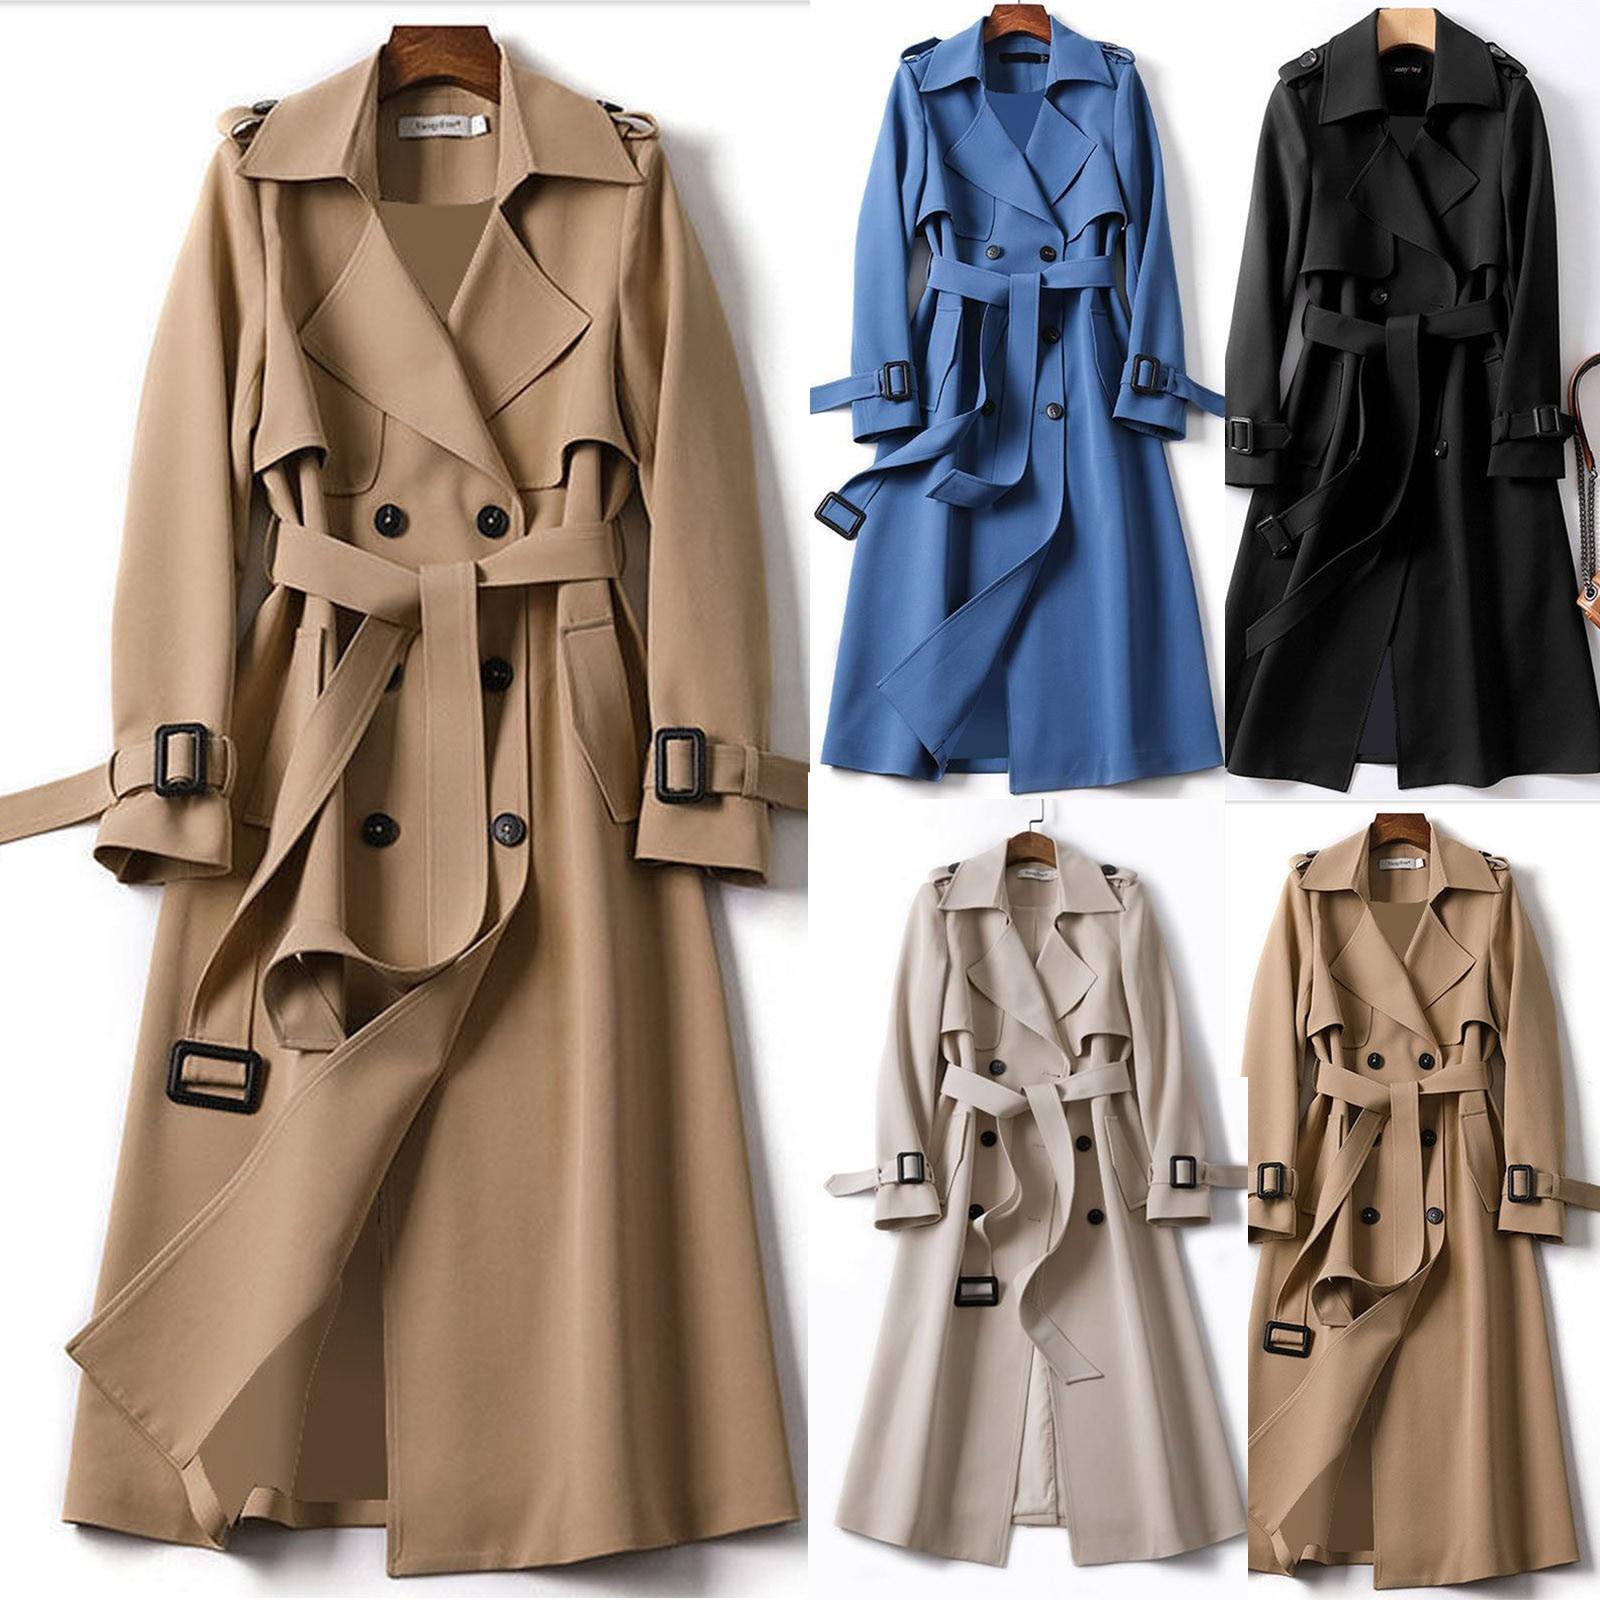 SAGACE Women Overcoat Solid Slim Fit Coat Jacket Long Outerwear Windbreaker Trench Streetwear Women